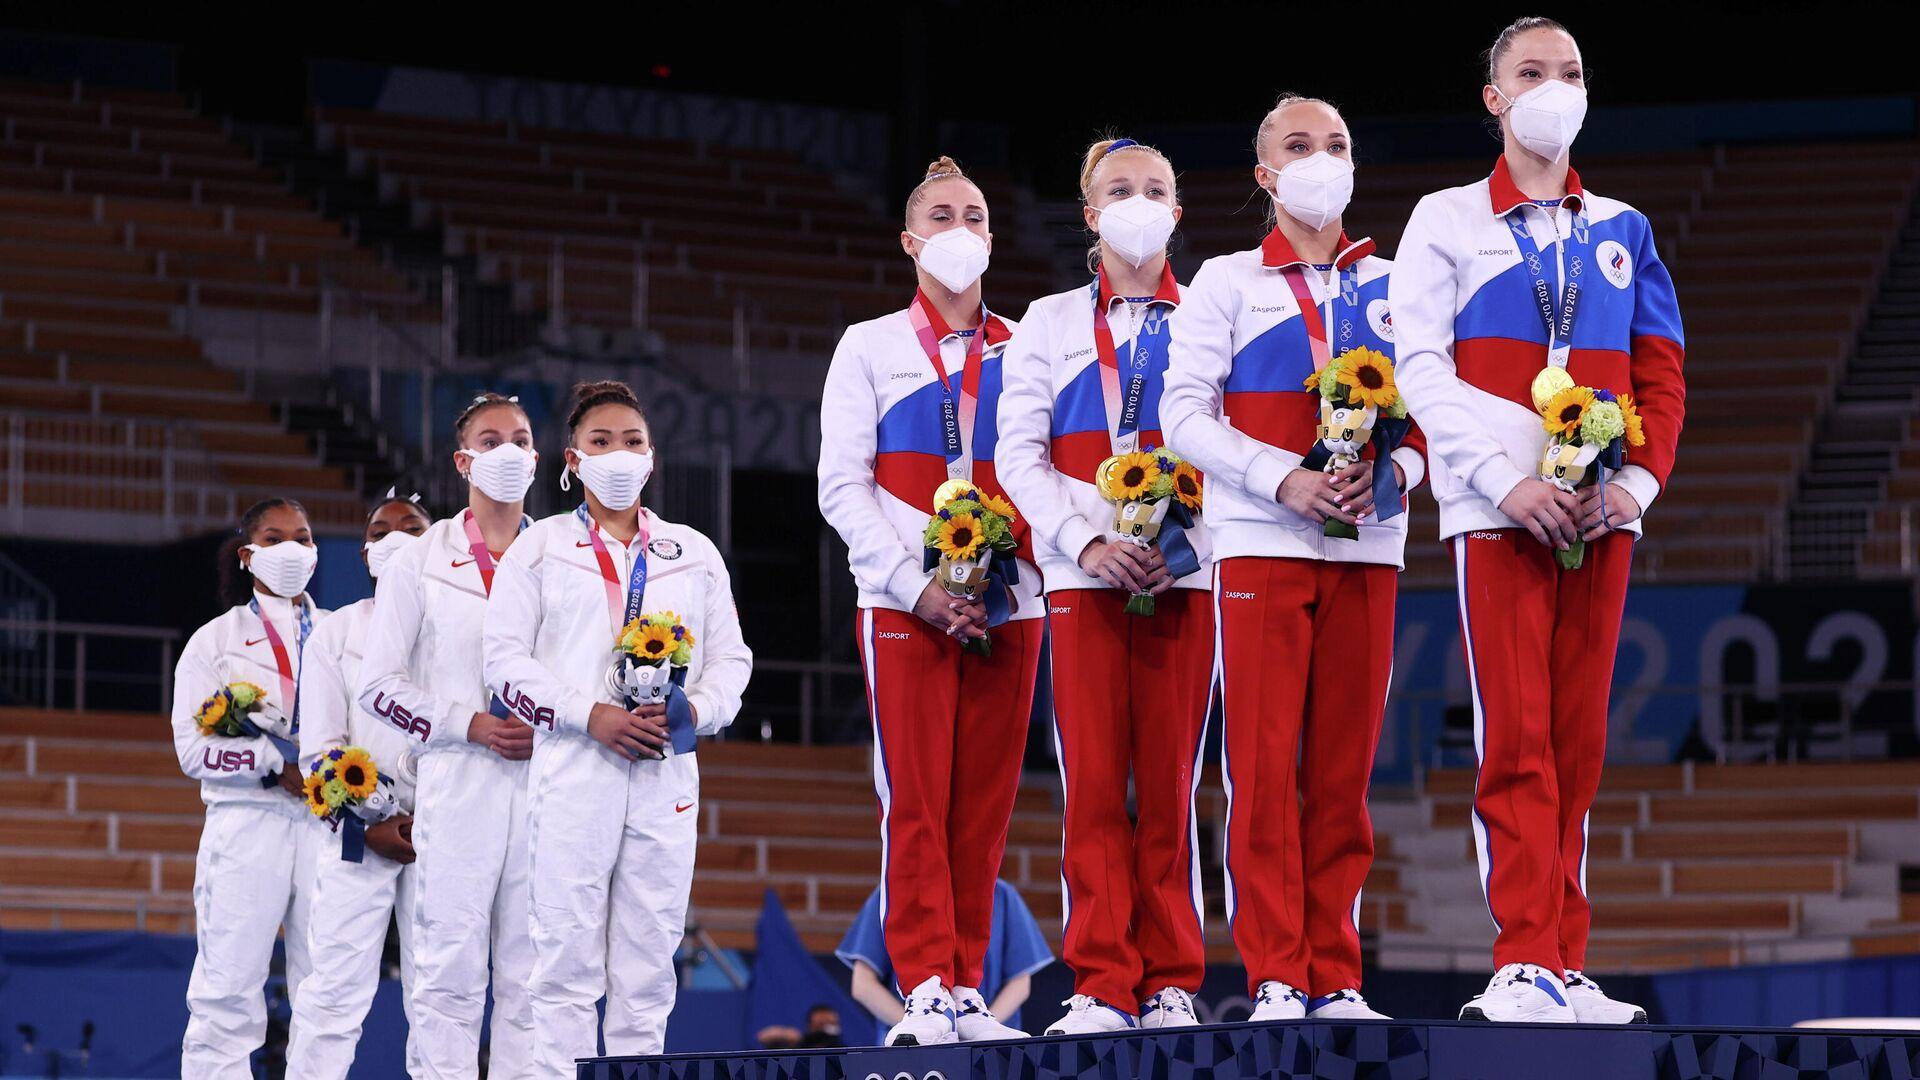 Гимнастки сборных США и России (слева направо) во время церемонии награждения - РИА Новости, 1920, 03.08.2021